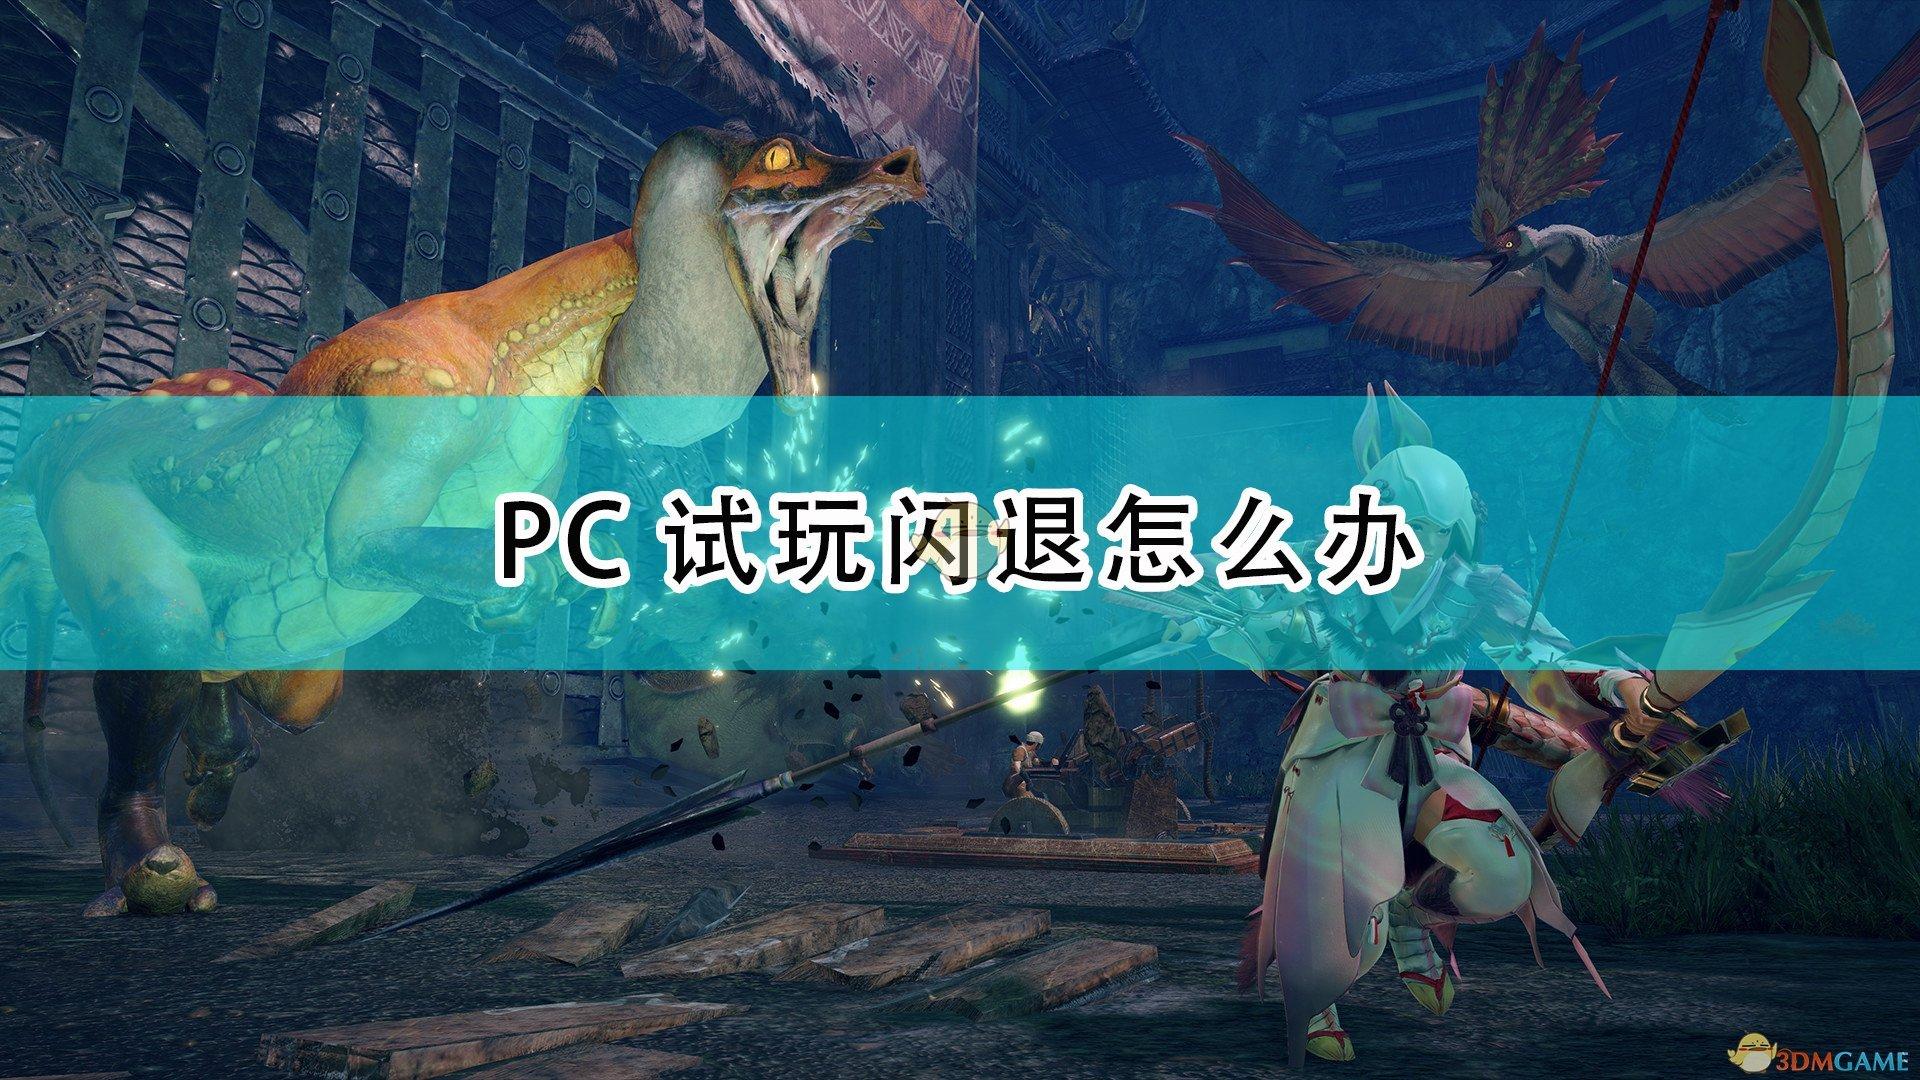 《怪物猎人:崛起》PC试玩闪退解决方法介绍